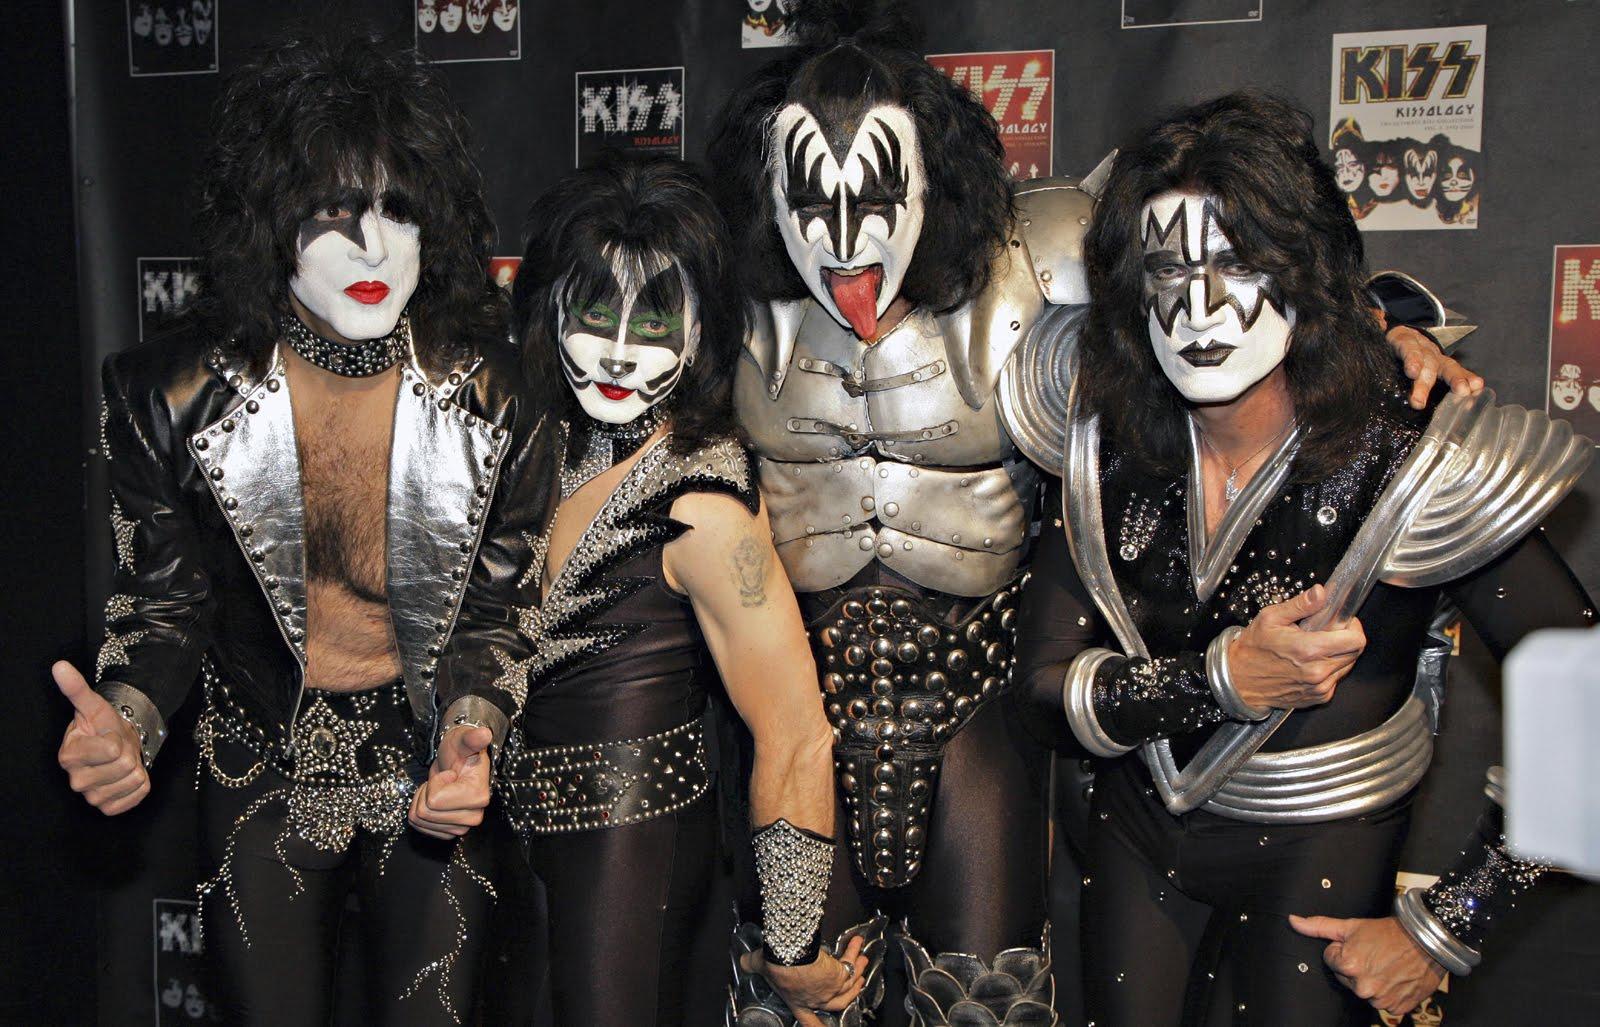 http://1.bp.blogspot.com/-OWzo0sJPff8/TscImJCLtAI/AAAAAAAAAWQ/oNQLACfJ-_Q/s1600/kiss-3-712137.jpg